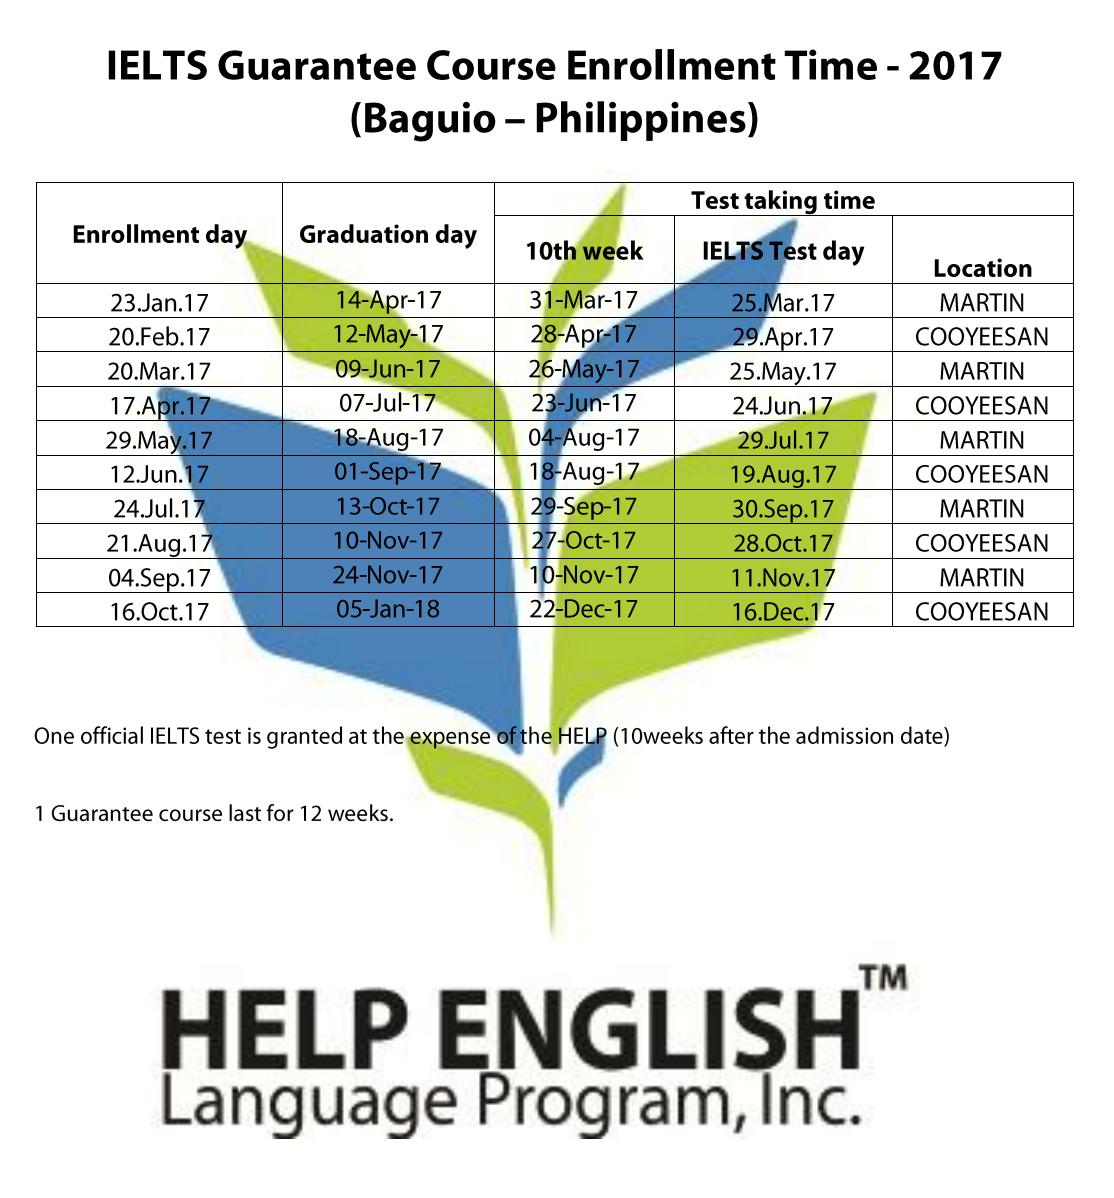 ielts-schedule-entrance-2017